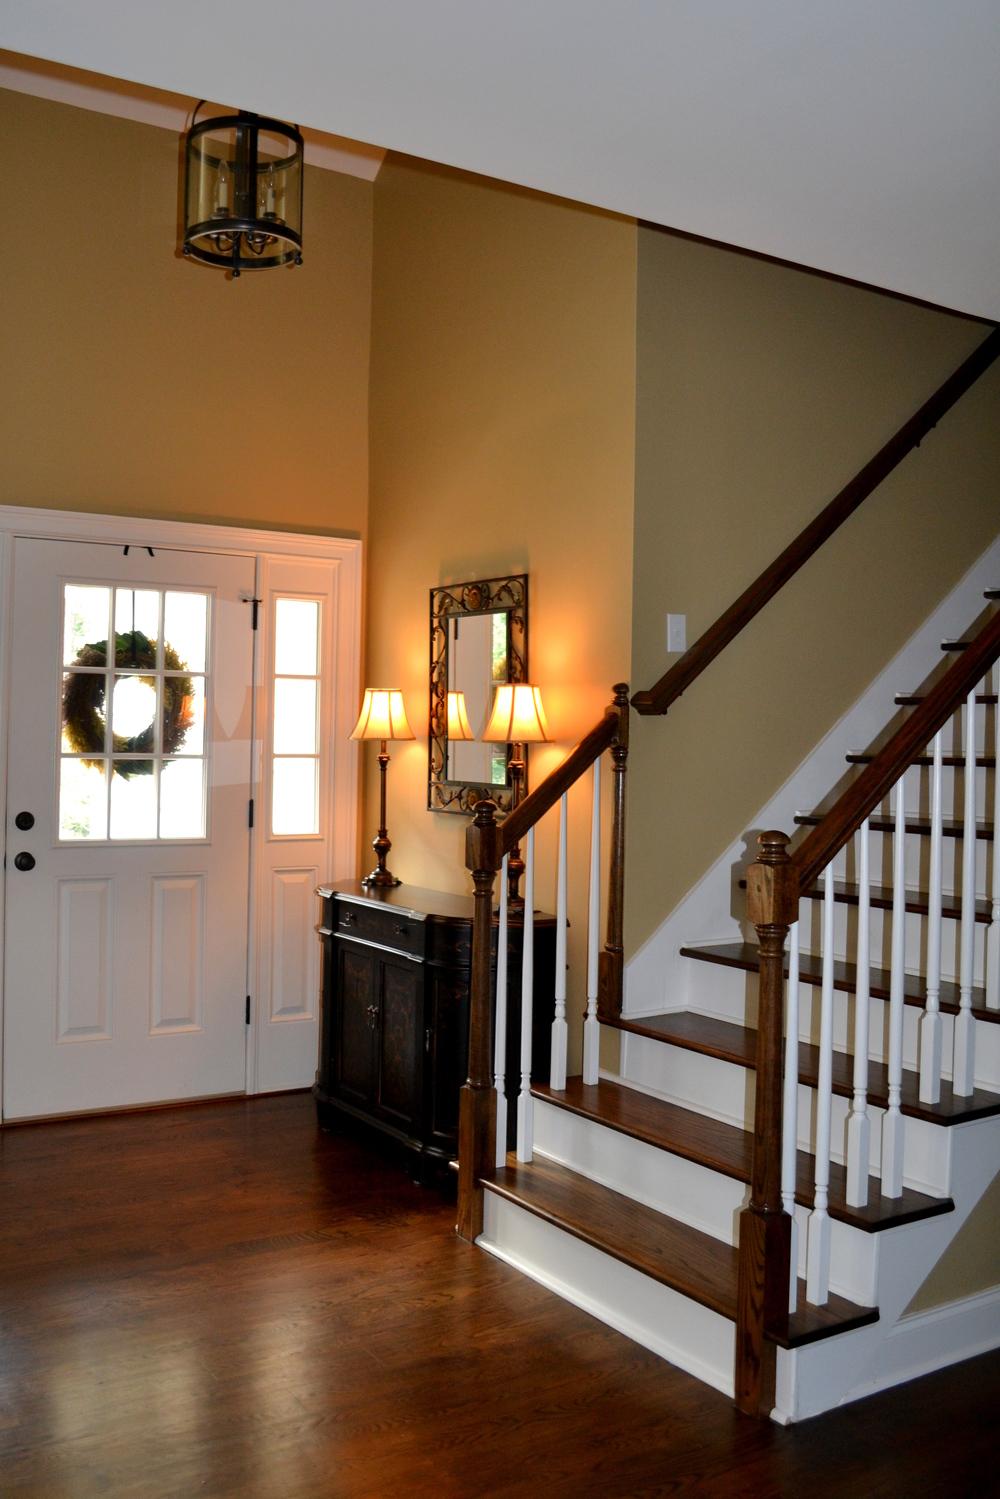 Remodel Front stairway 41.jpg